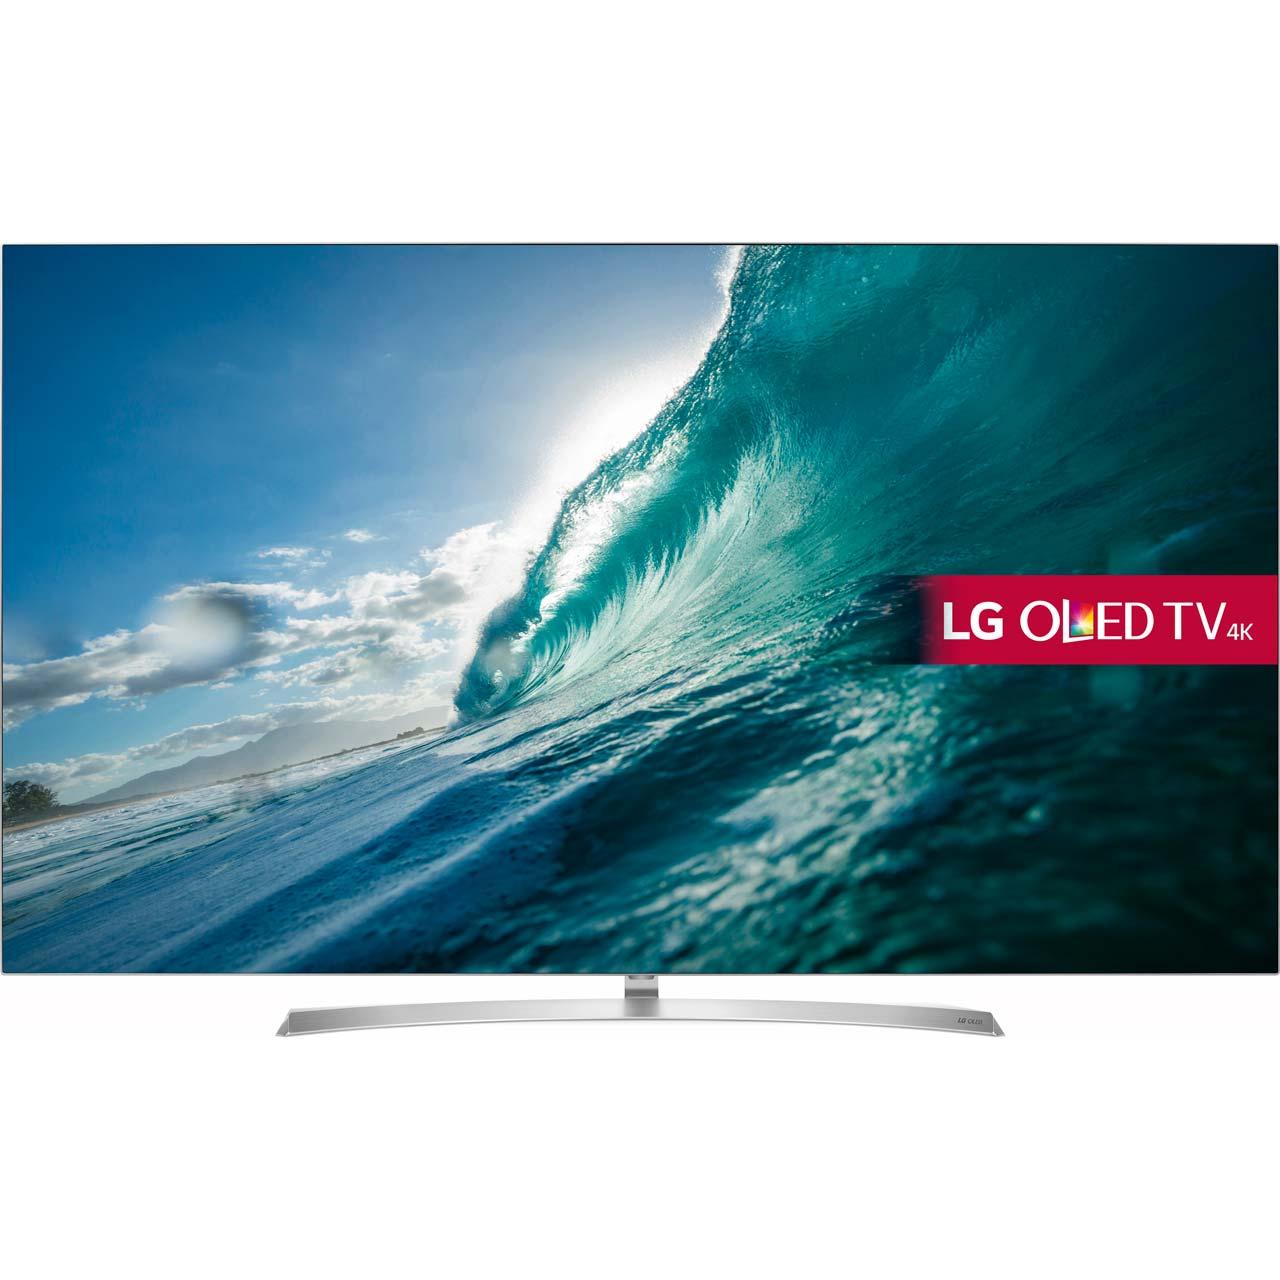 LG OLED65B7V £2564.10 @ao